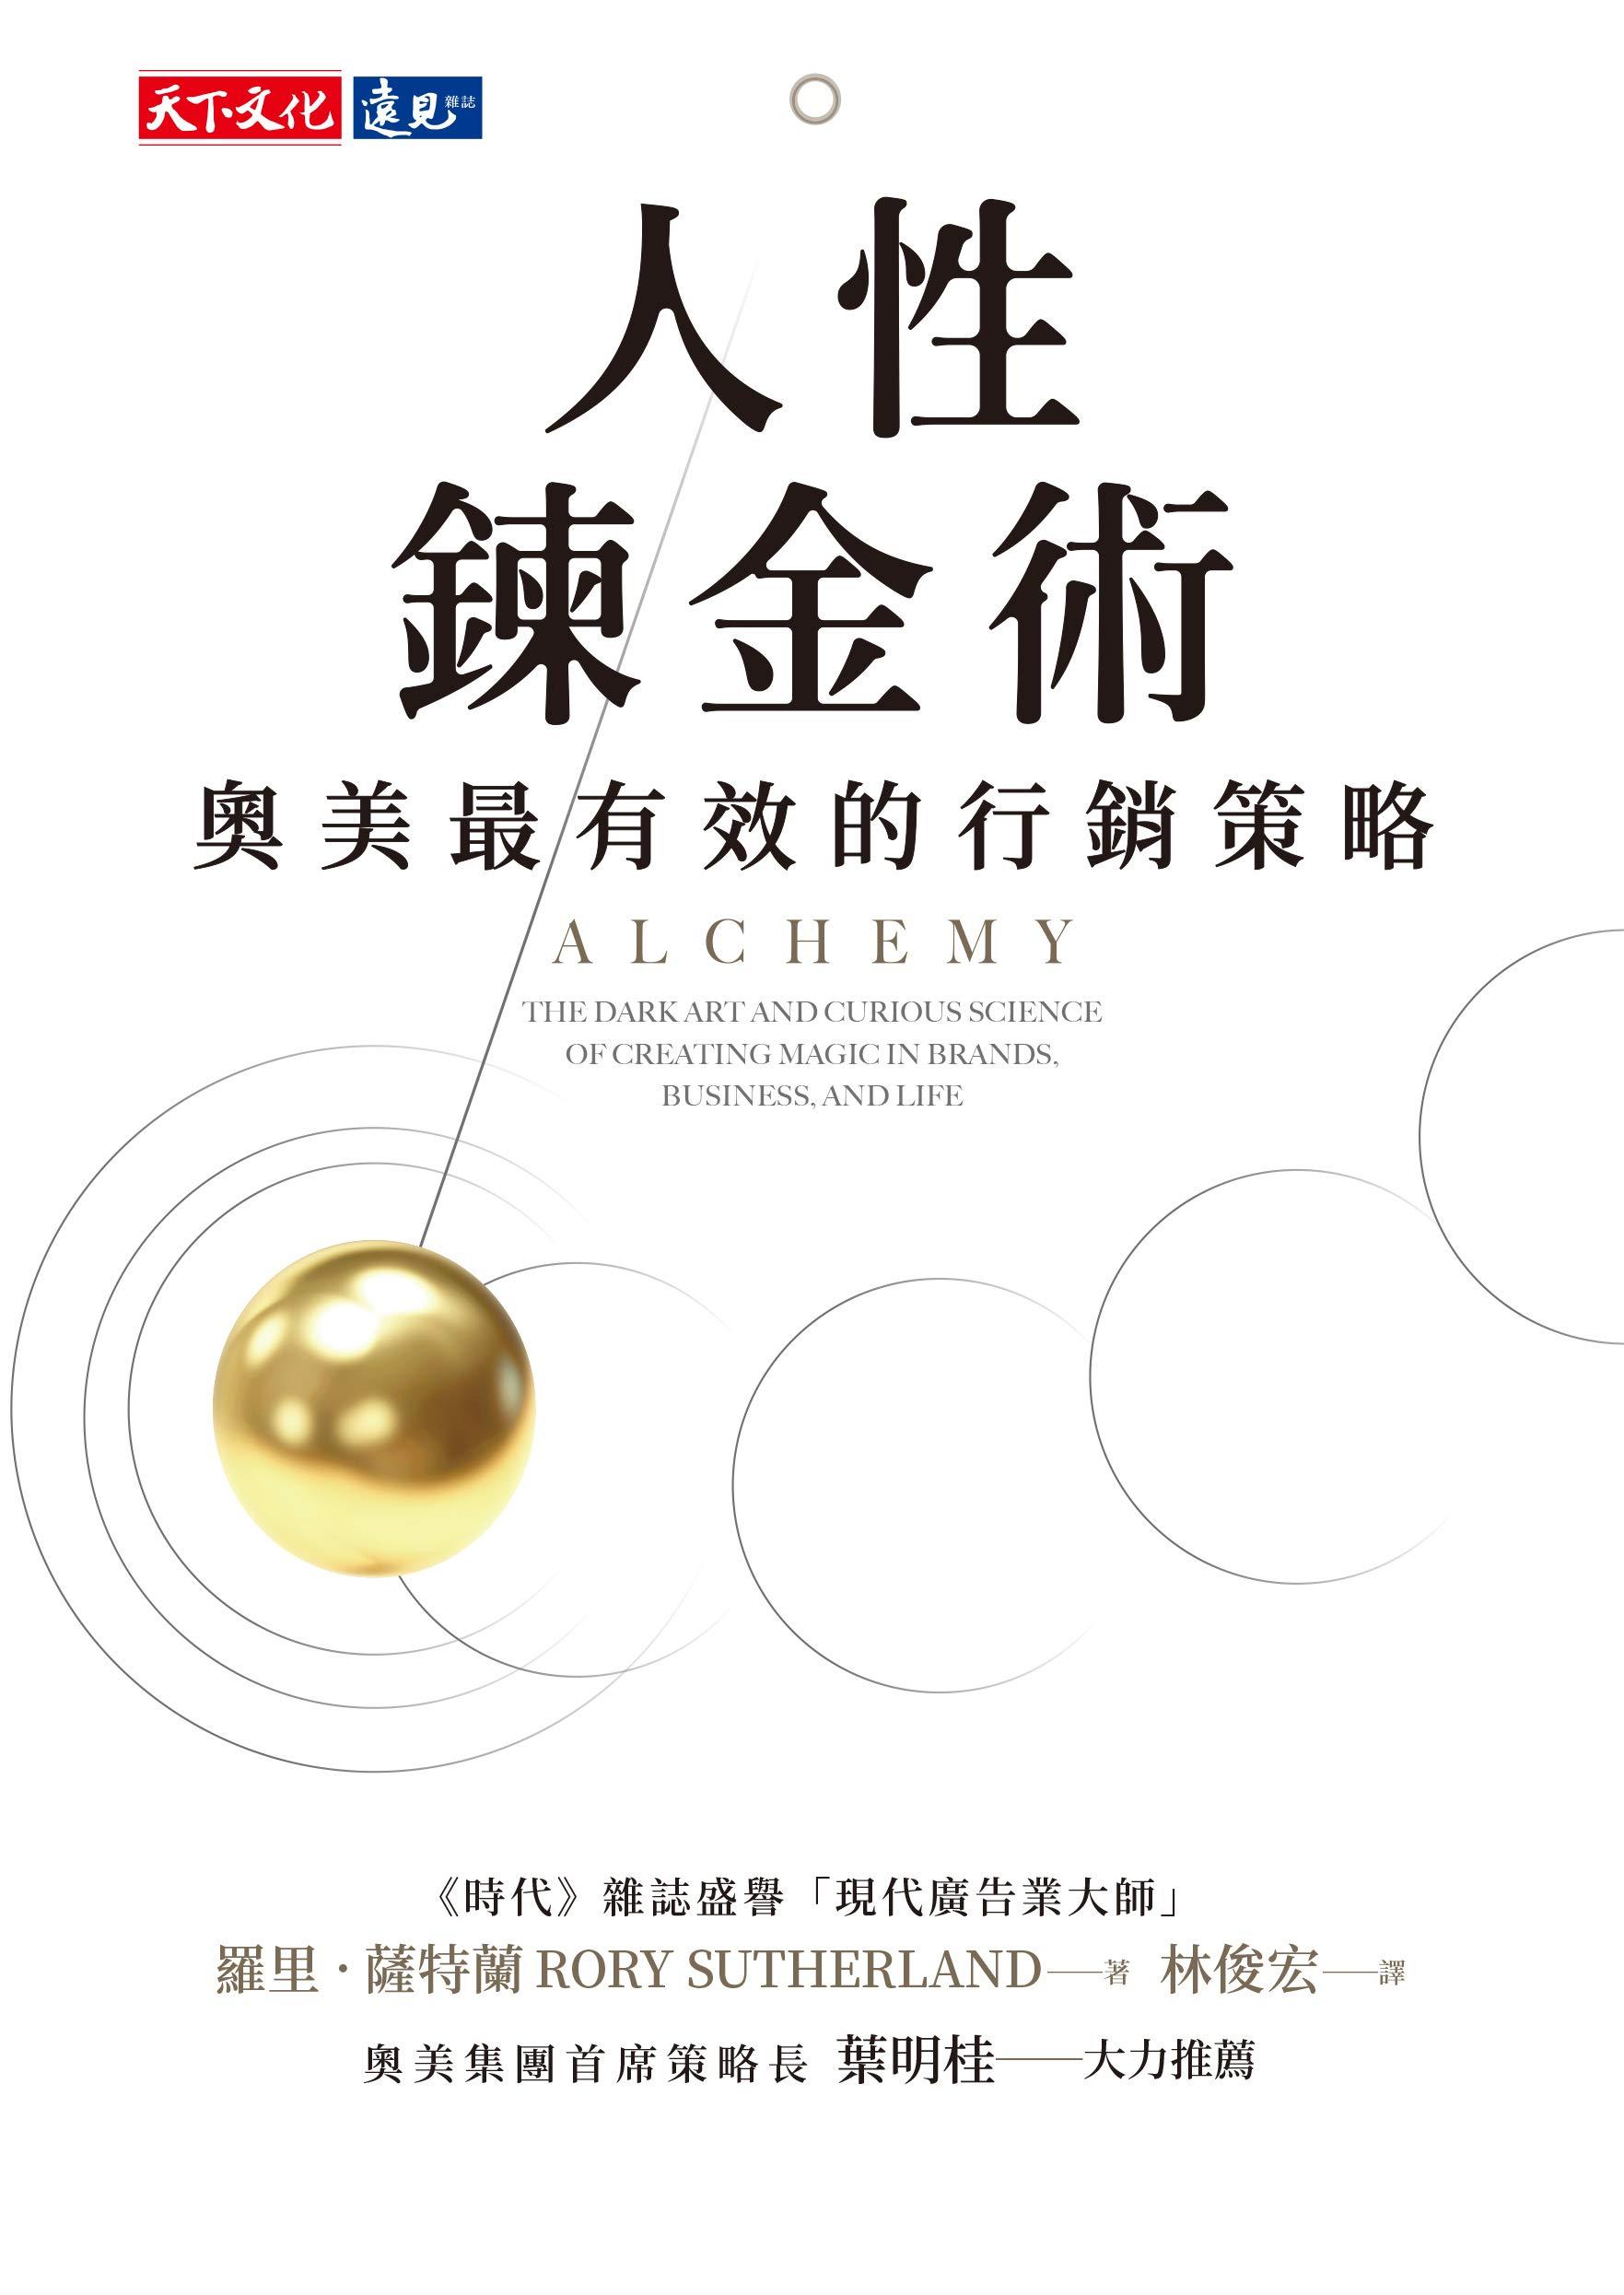 人性鍊金術:奧美最有效的行銷策略: Alchemy: The Dark Art and Curious Science of Creating Magic in Brands, Business, and Life (Traditional Chinese Edition)